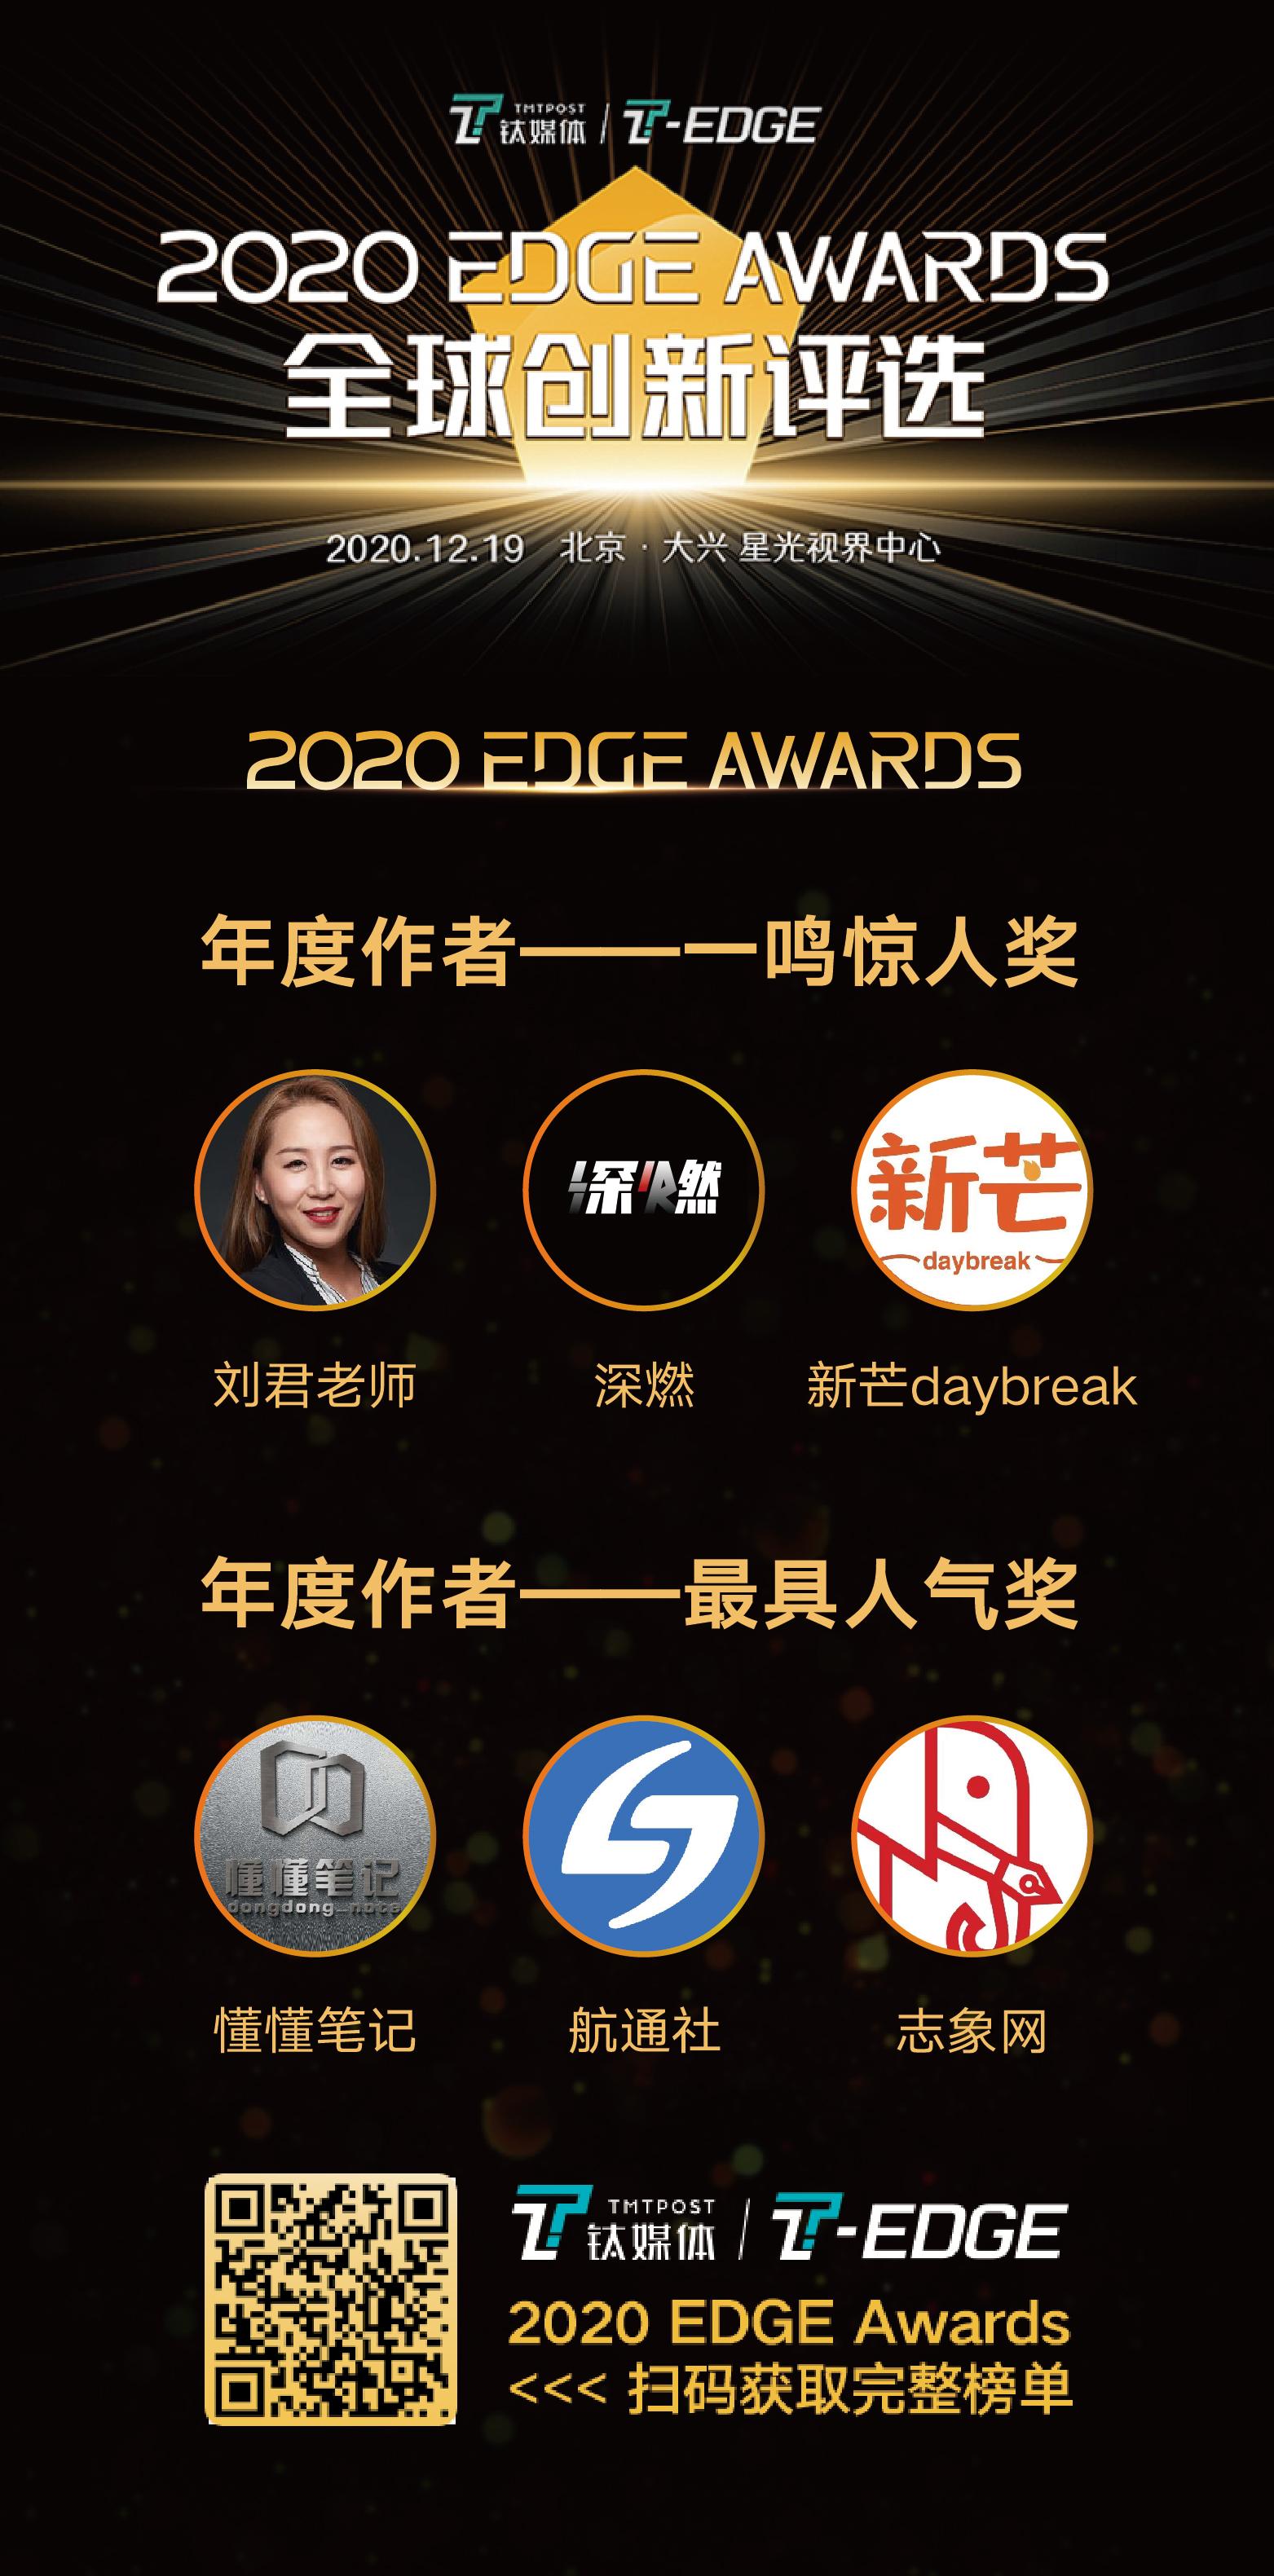 钛媒体 2020 EDGE Awards 全球创新评选